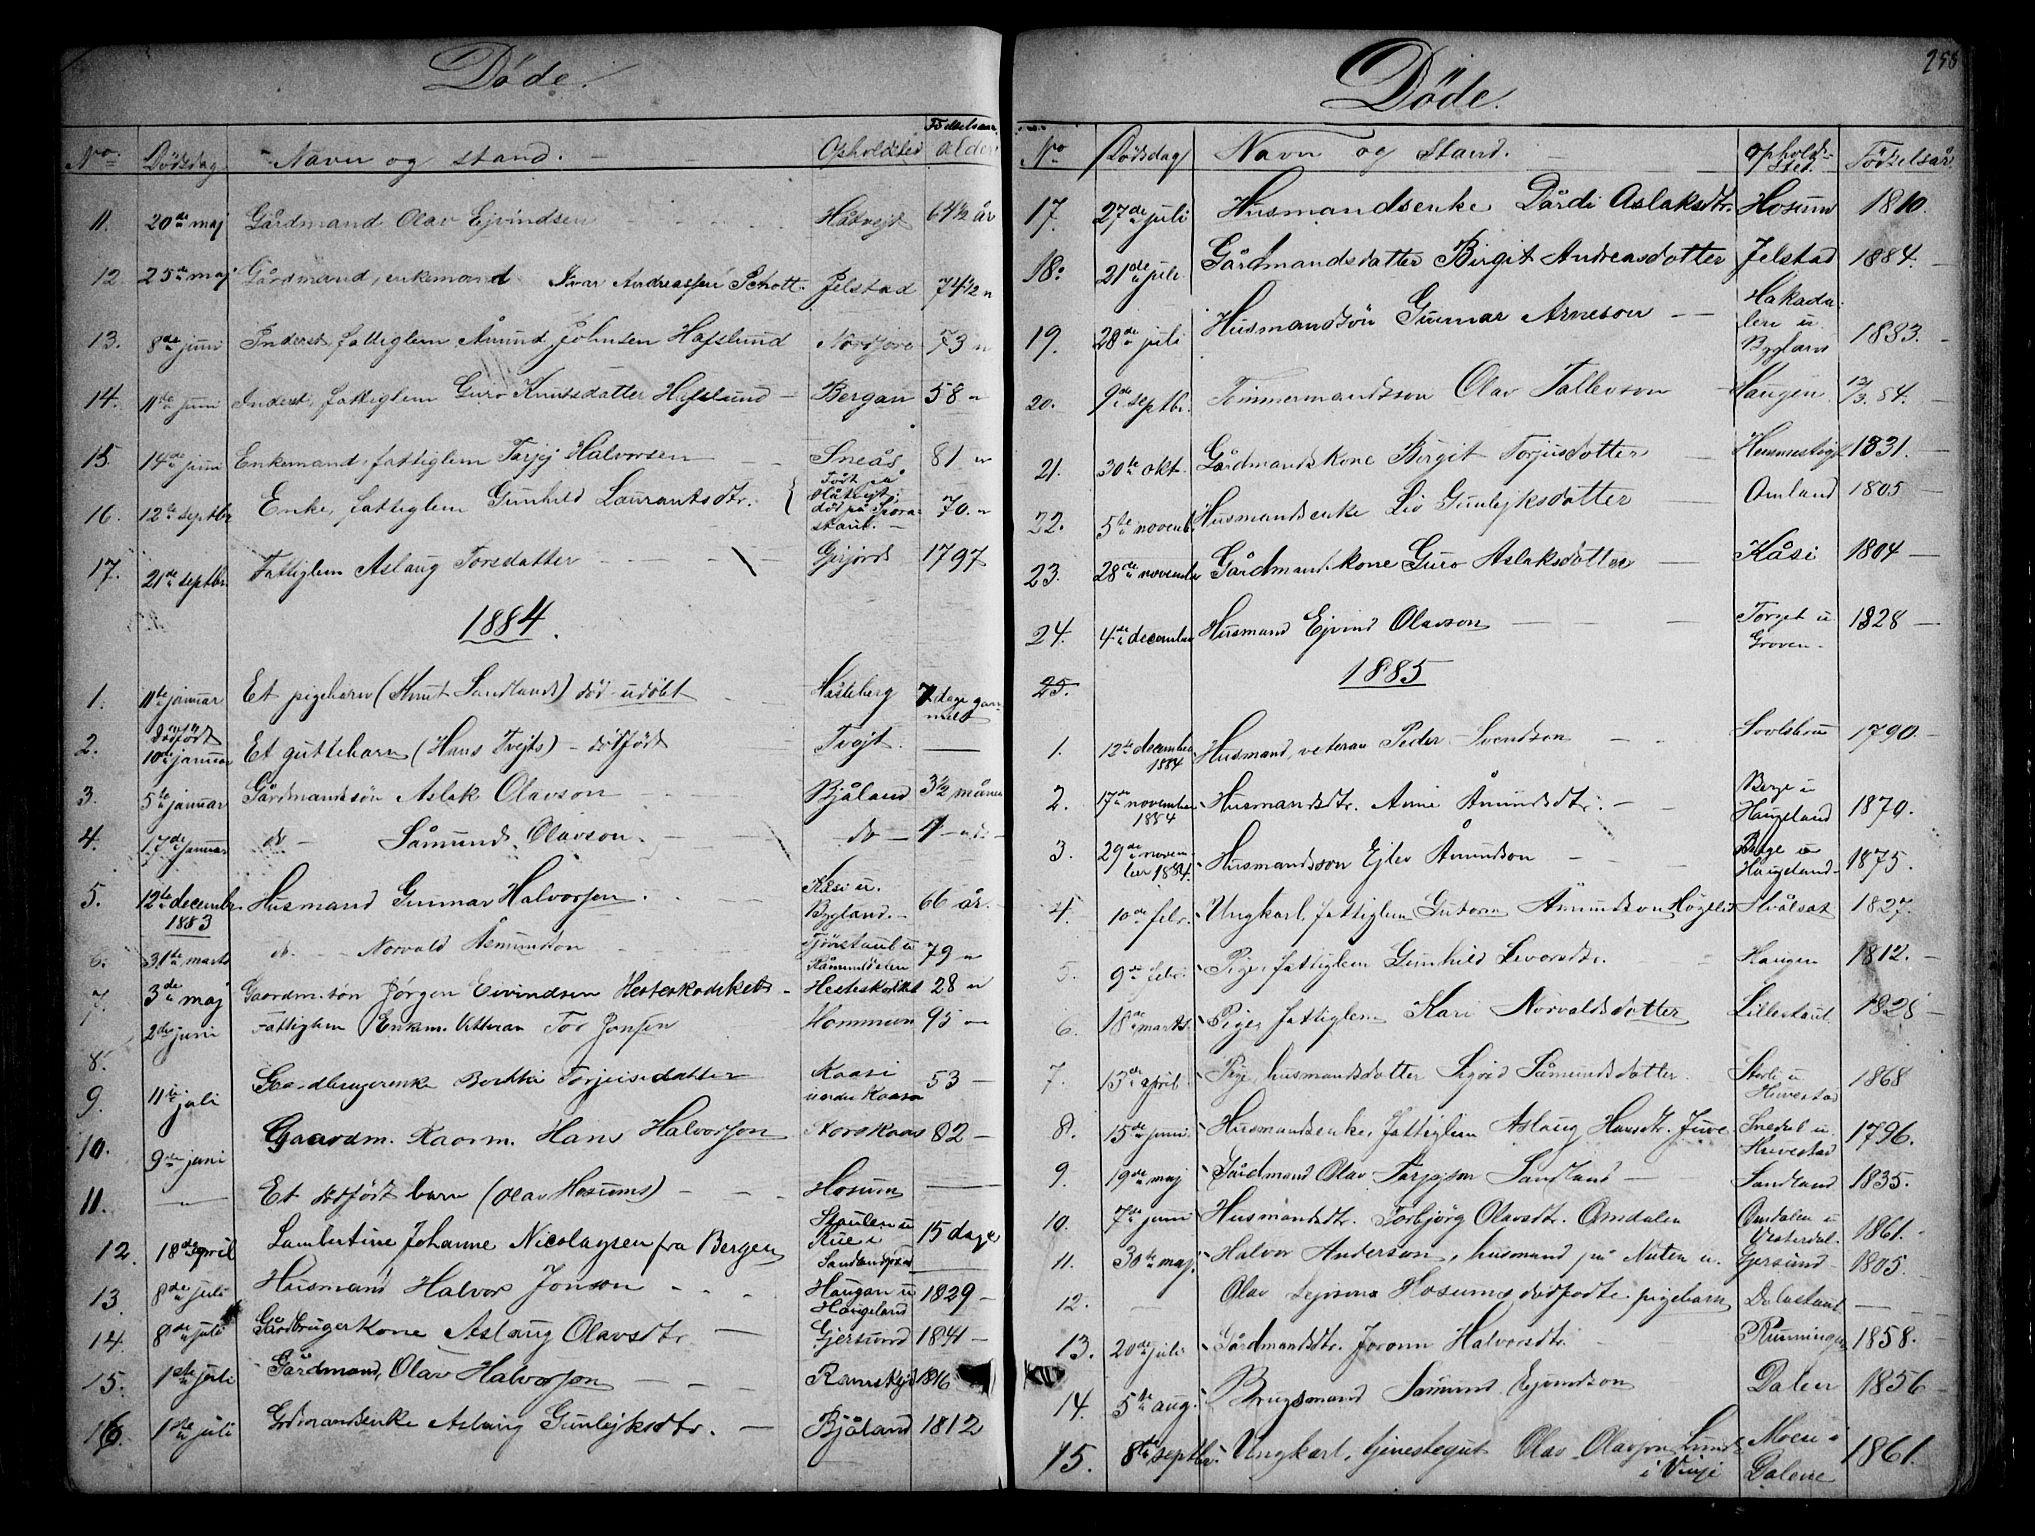 SAKO, Kviteseid kirkebøker, G/Gb/L0002: Klokkerbok nr. II 2, 1850-1892, s. 258